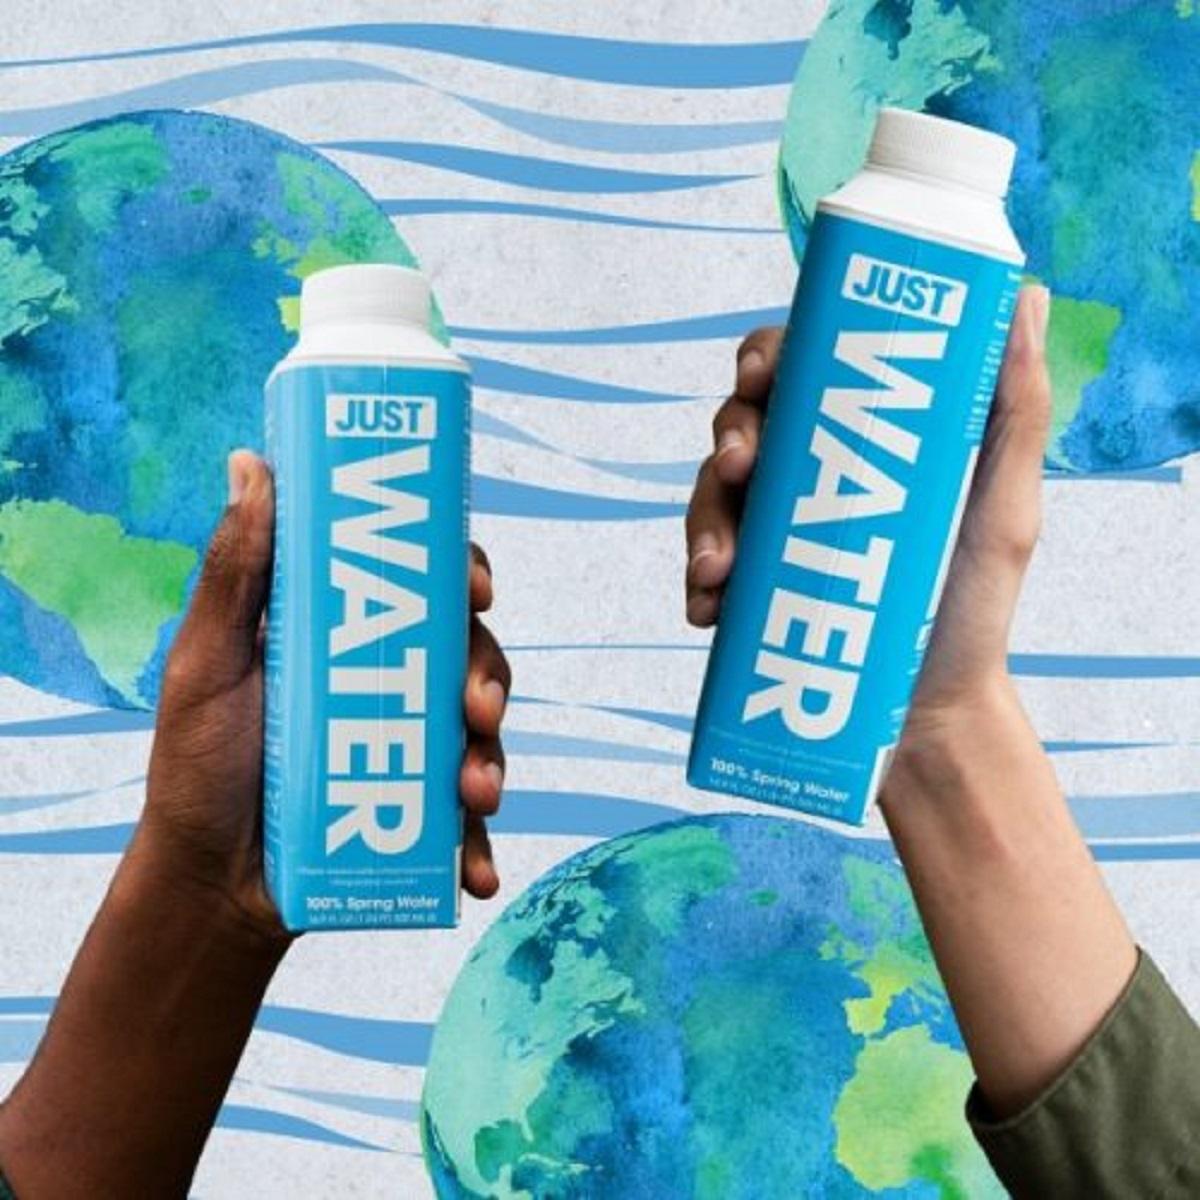 333 500x500 - Criada por Will Smith e seu filho, água em caixinha sustentável chega ao Brasil